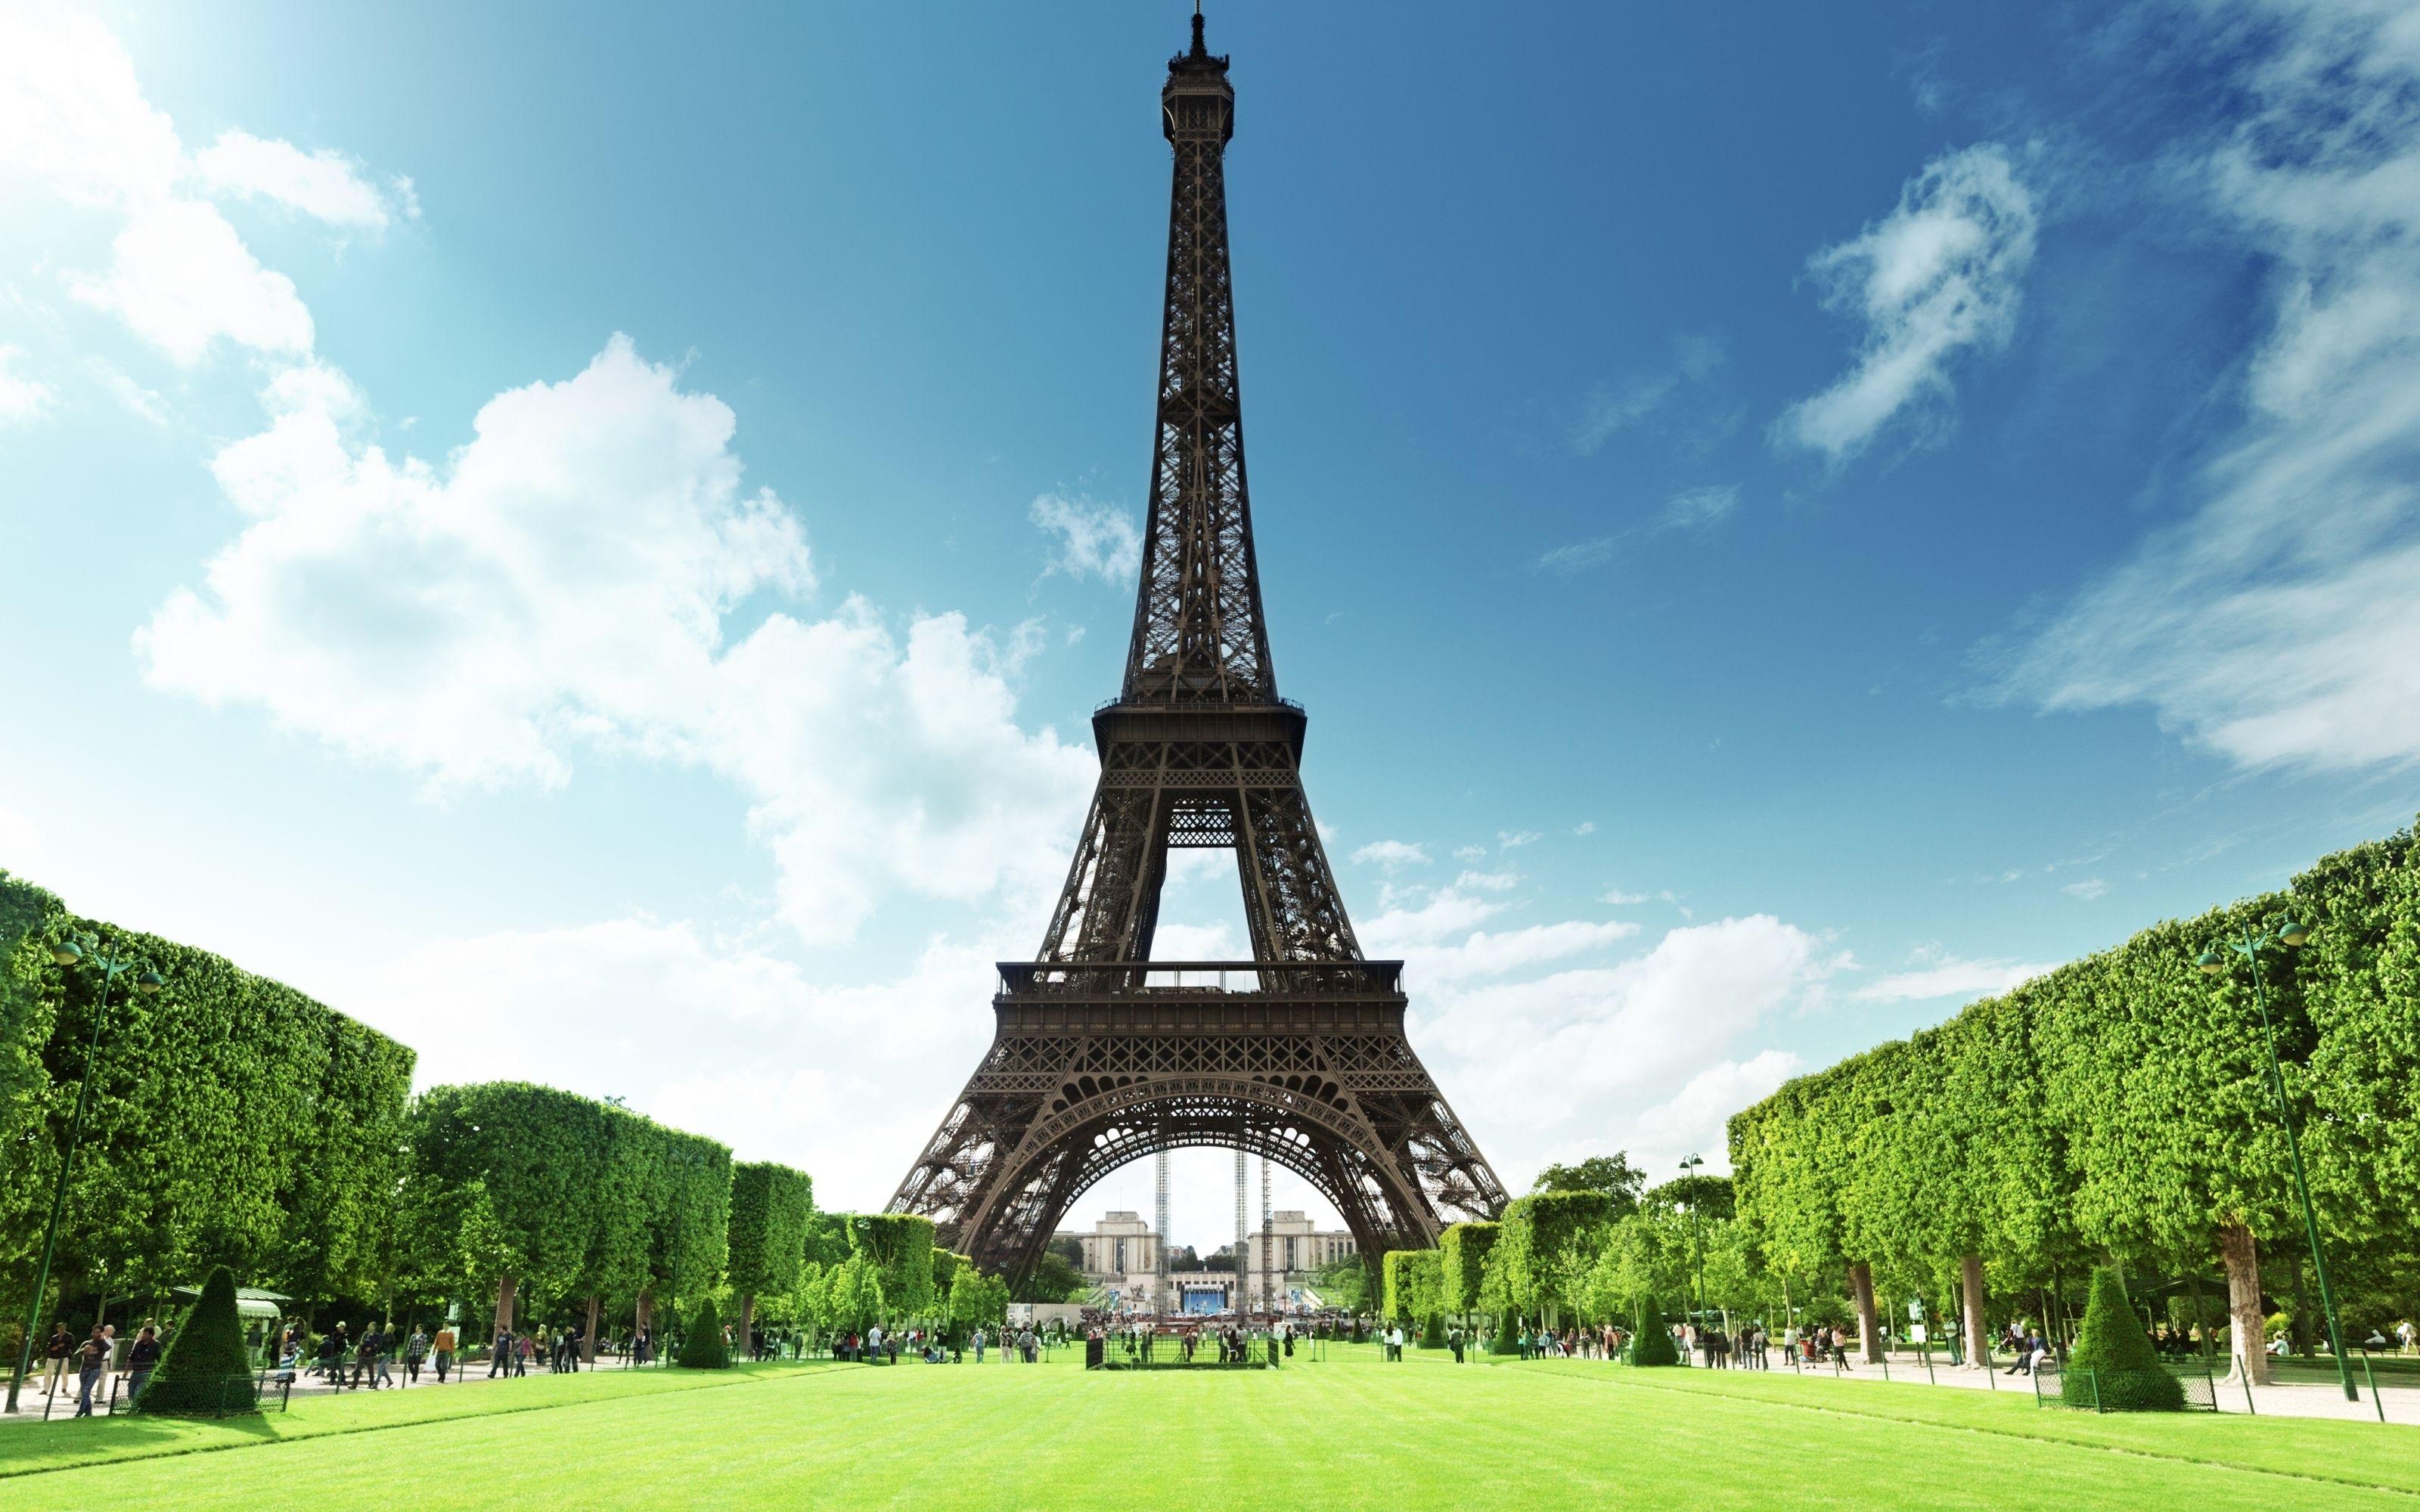 Man Made Eiffel Tower Wallpaper Eiffel Tower Tower Tour Eiffel Full hd eiffel tower wallpaper hd 1080p